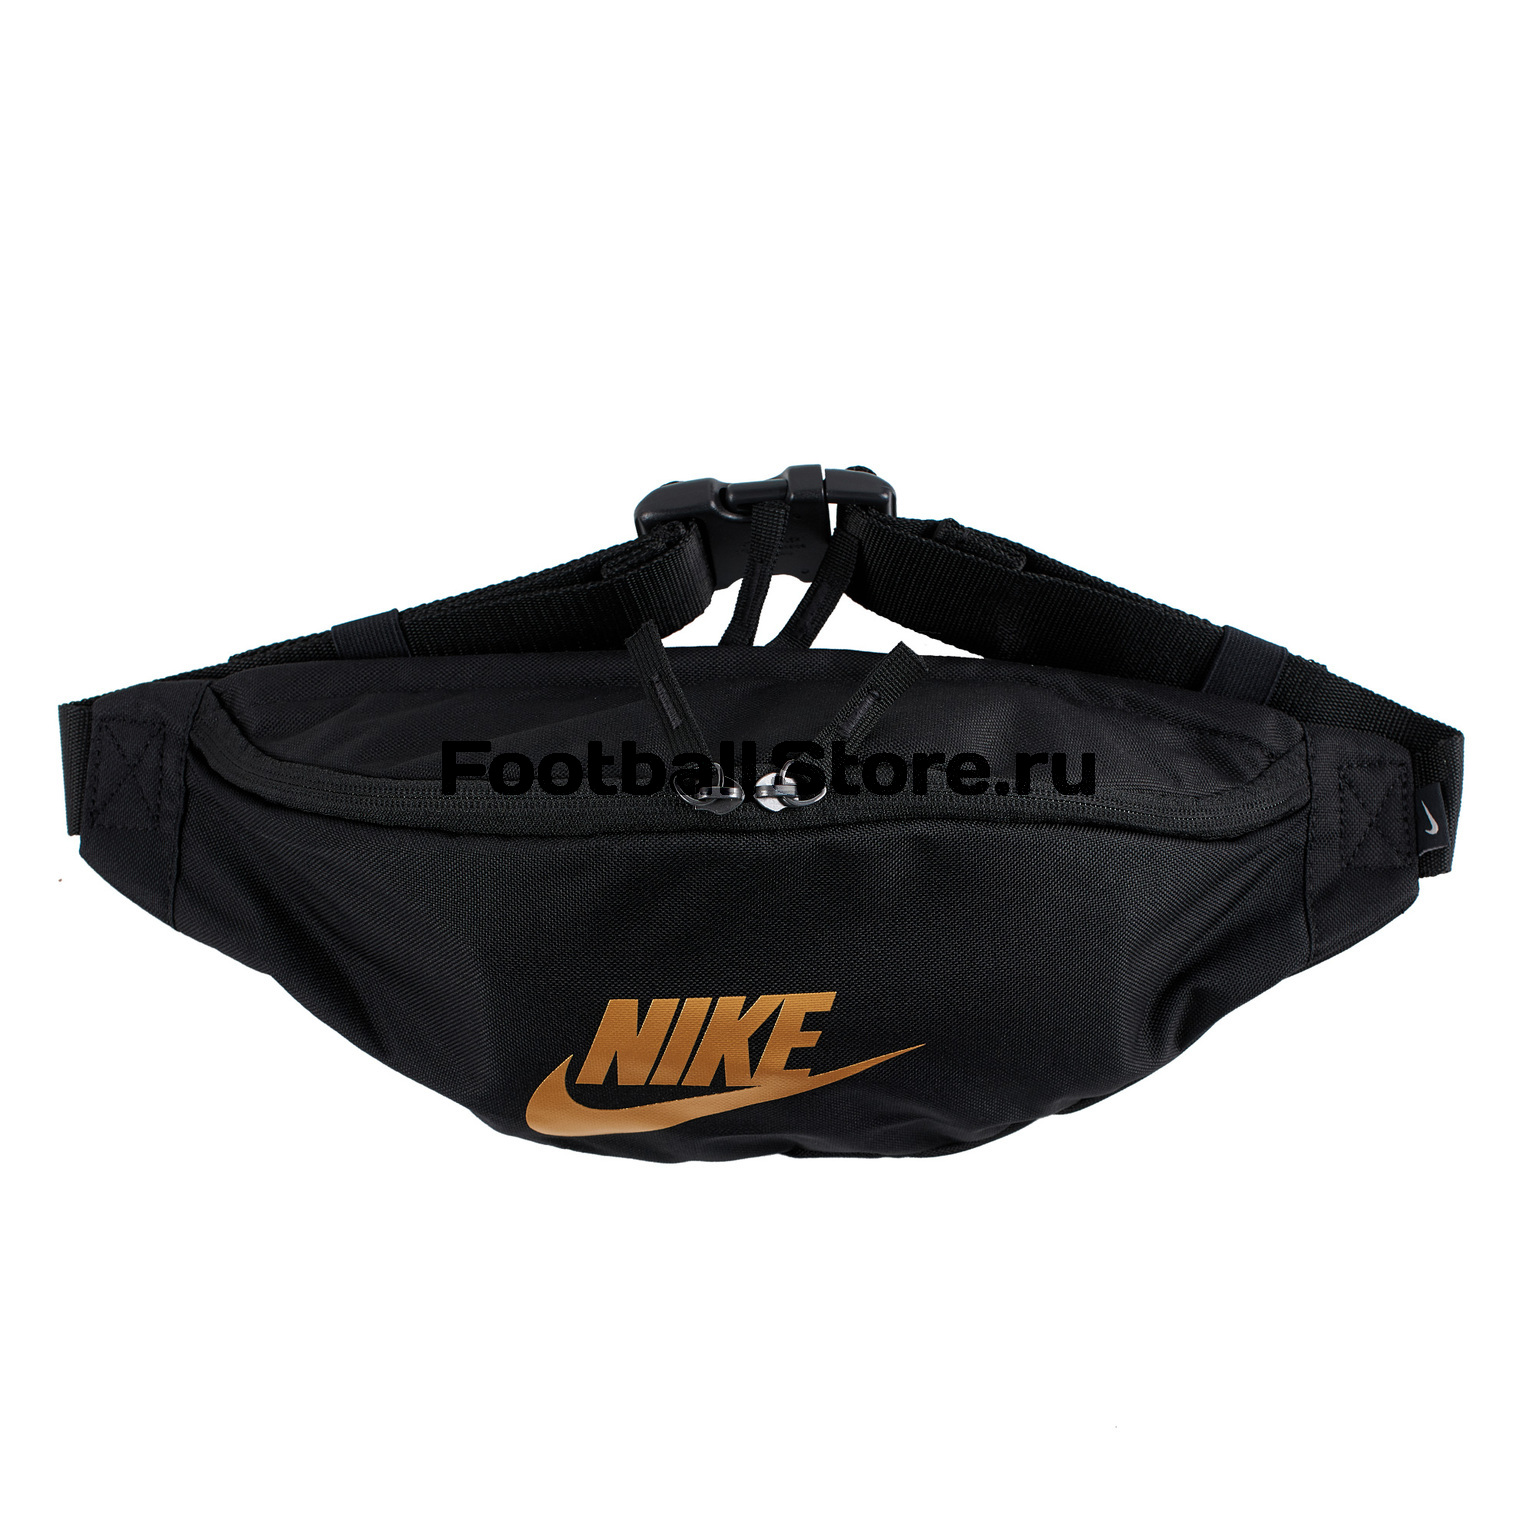 купить Сумка на пояс Nike Heritage Hip Pack BA5750-011 по цене 1490 рублей